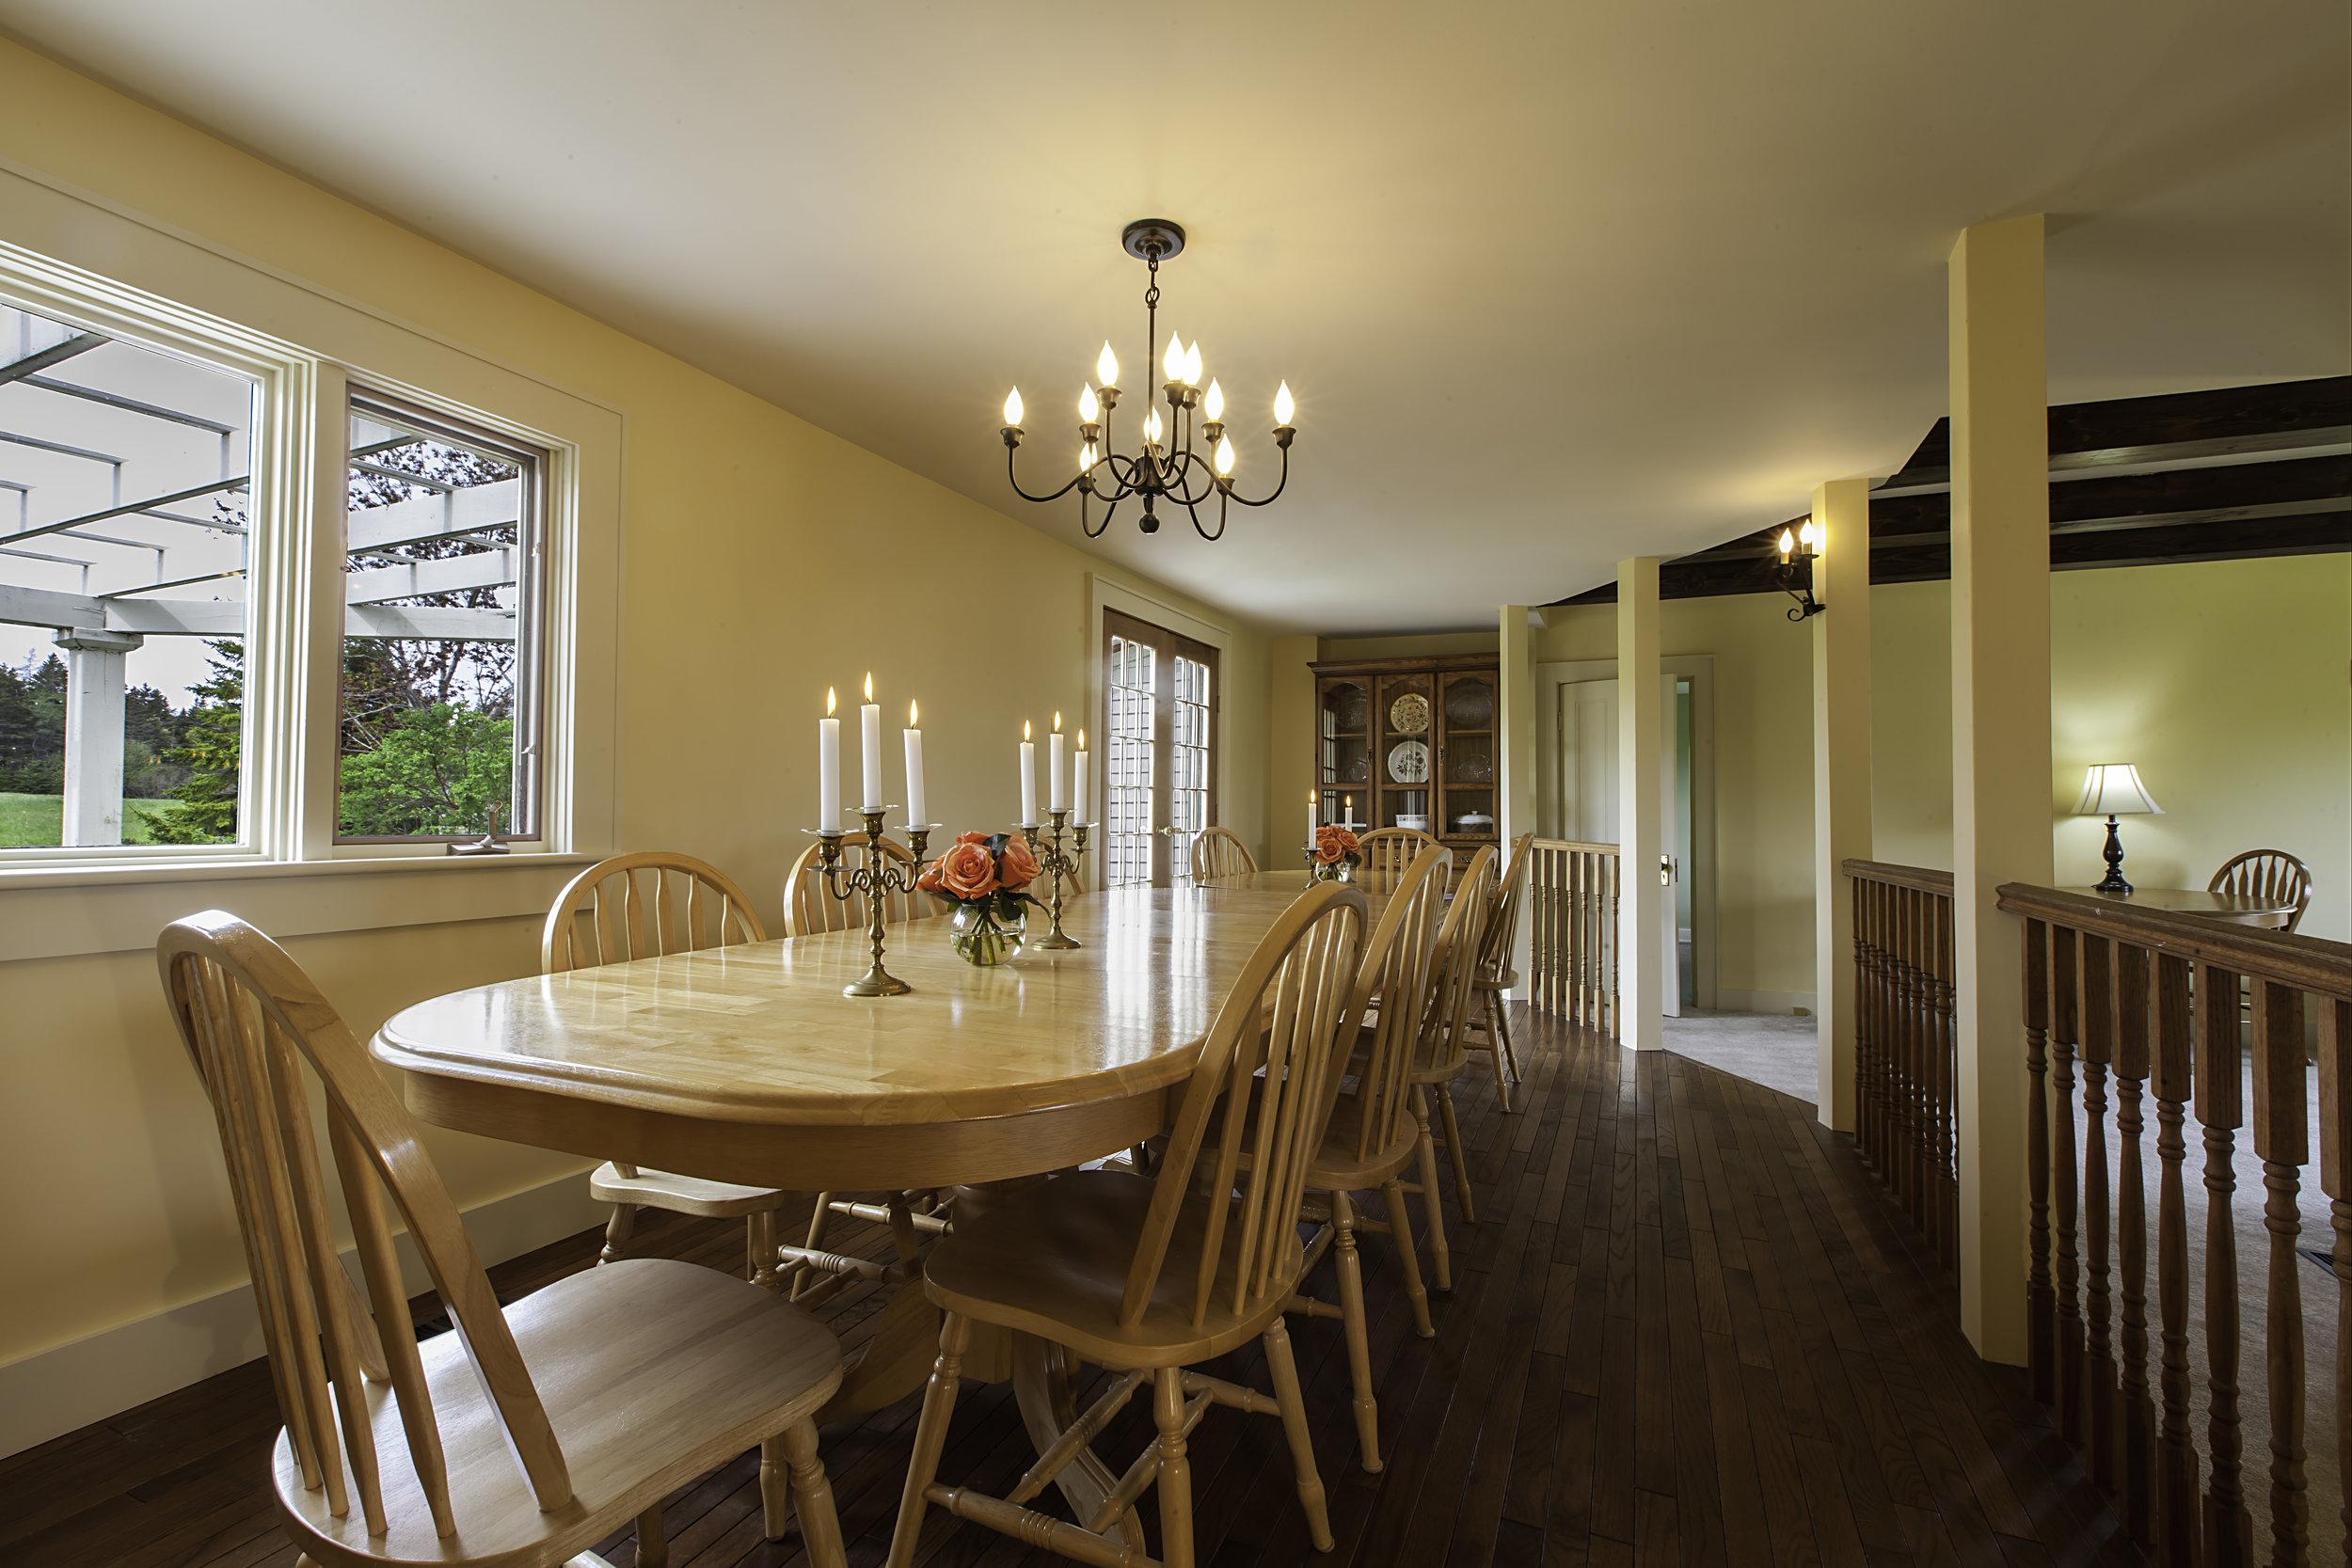 IMG_5248-Dining_Room-1.jpg